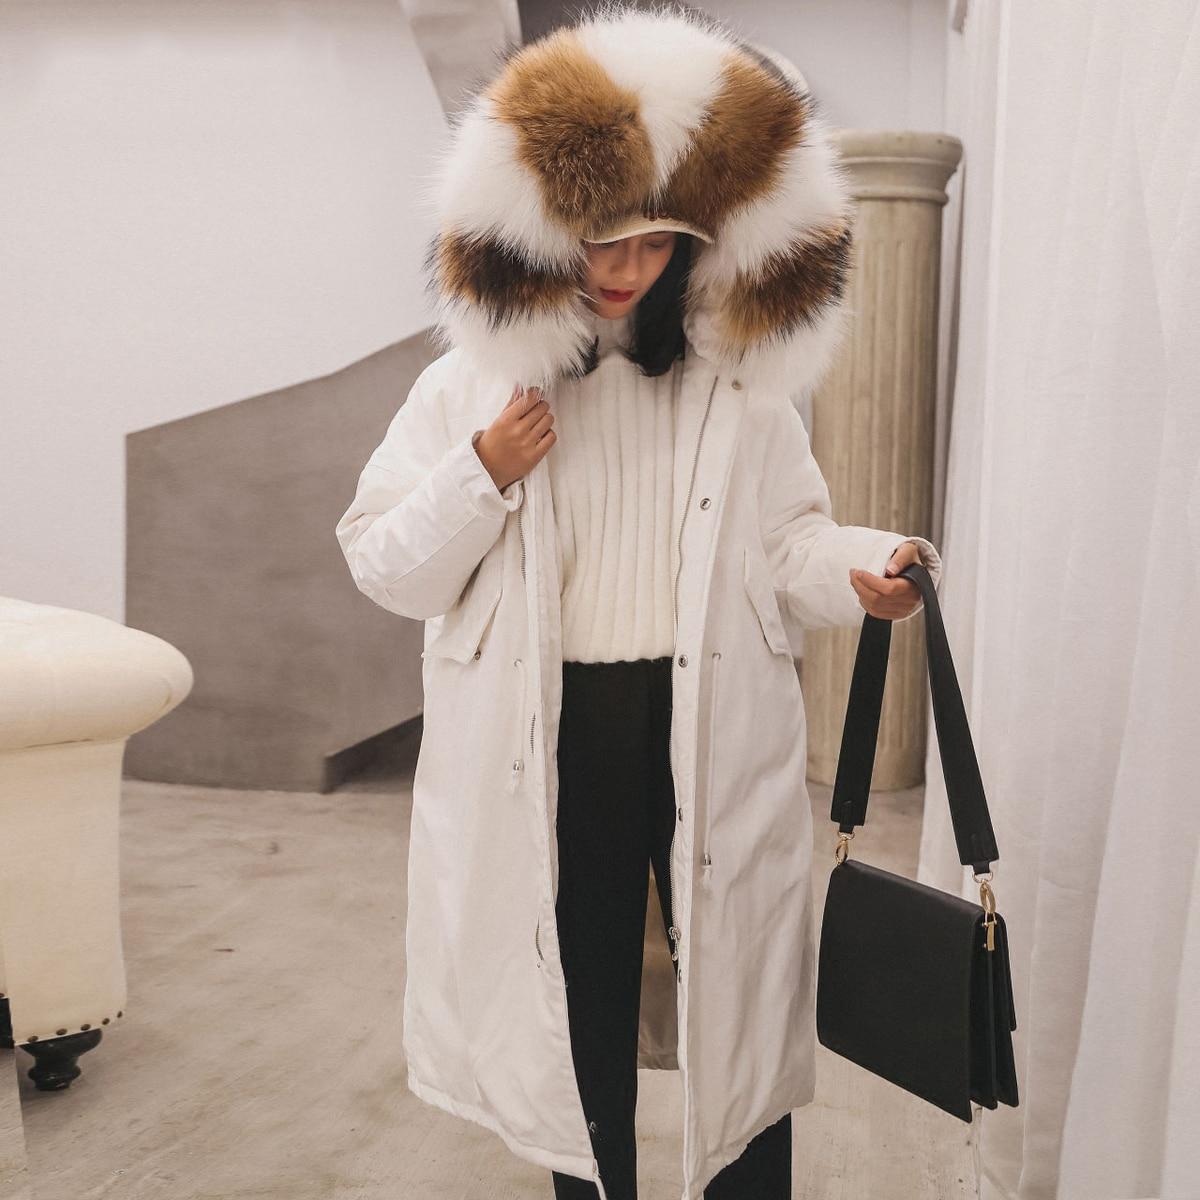 Black Outwear De white Blanc Duvet Russe Parkas Fourrure Le Canard Femmes Chaud Col Veste Épais Femelle Long Vers Neige D'hiver Bas brown Vêtements Manteau Réel Luxe EwEgqA4Ix